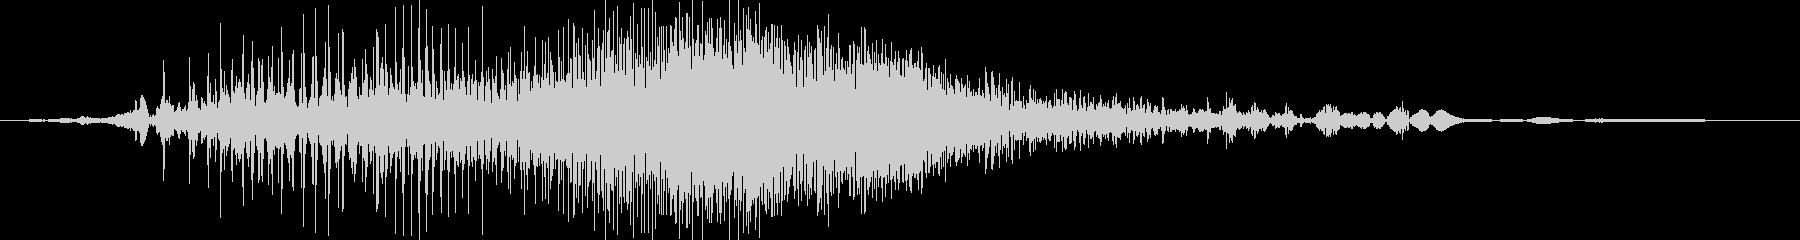 ジー(ジッパーの音※やや速め)の未再生の波形